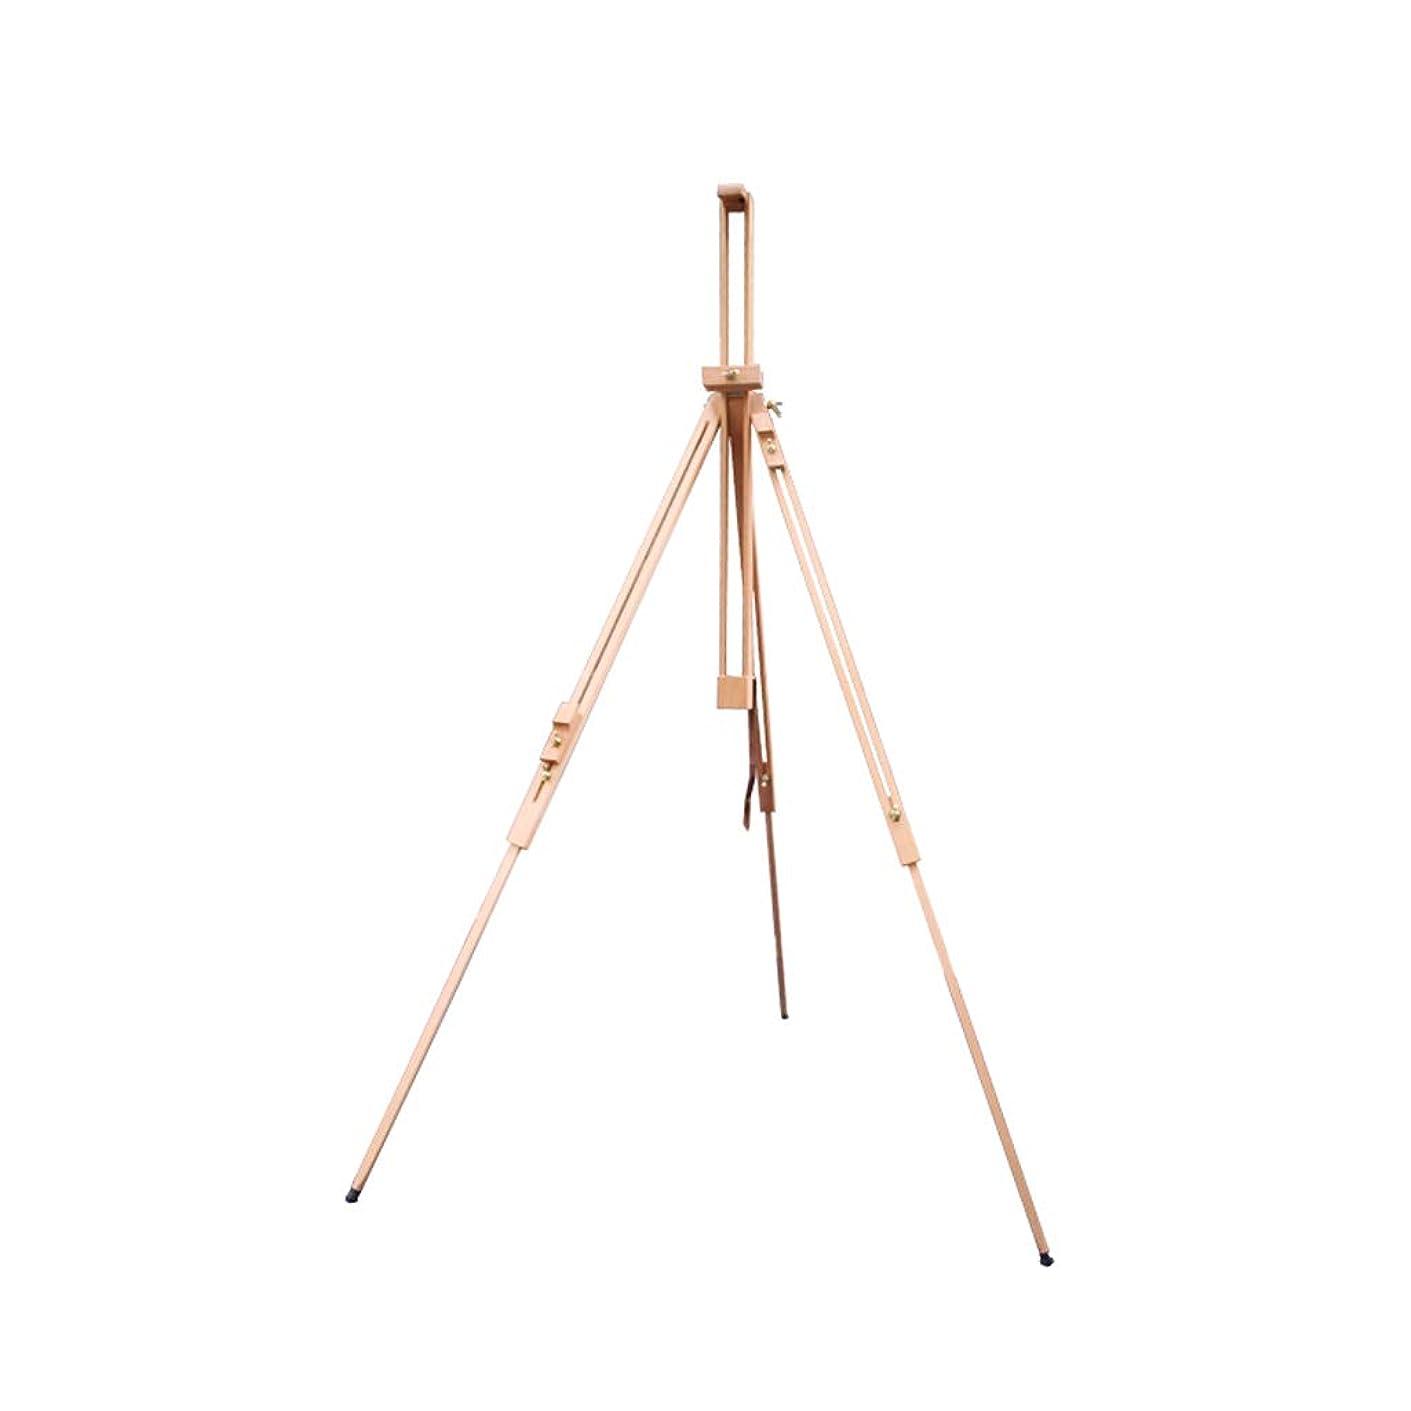 青俳優記念品KTYXDE 木製の三角形のイーゼル携帯棺は任意の角度に傾けることができます2絵ボードスケッチ100 X 84 X 126(188)cmスケッチ イーゼル